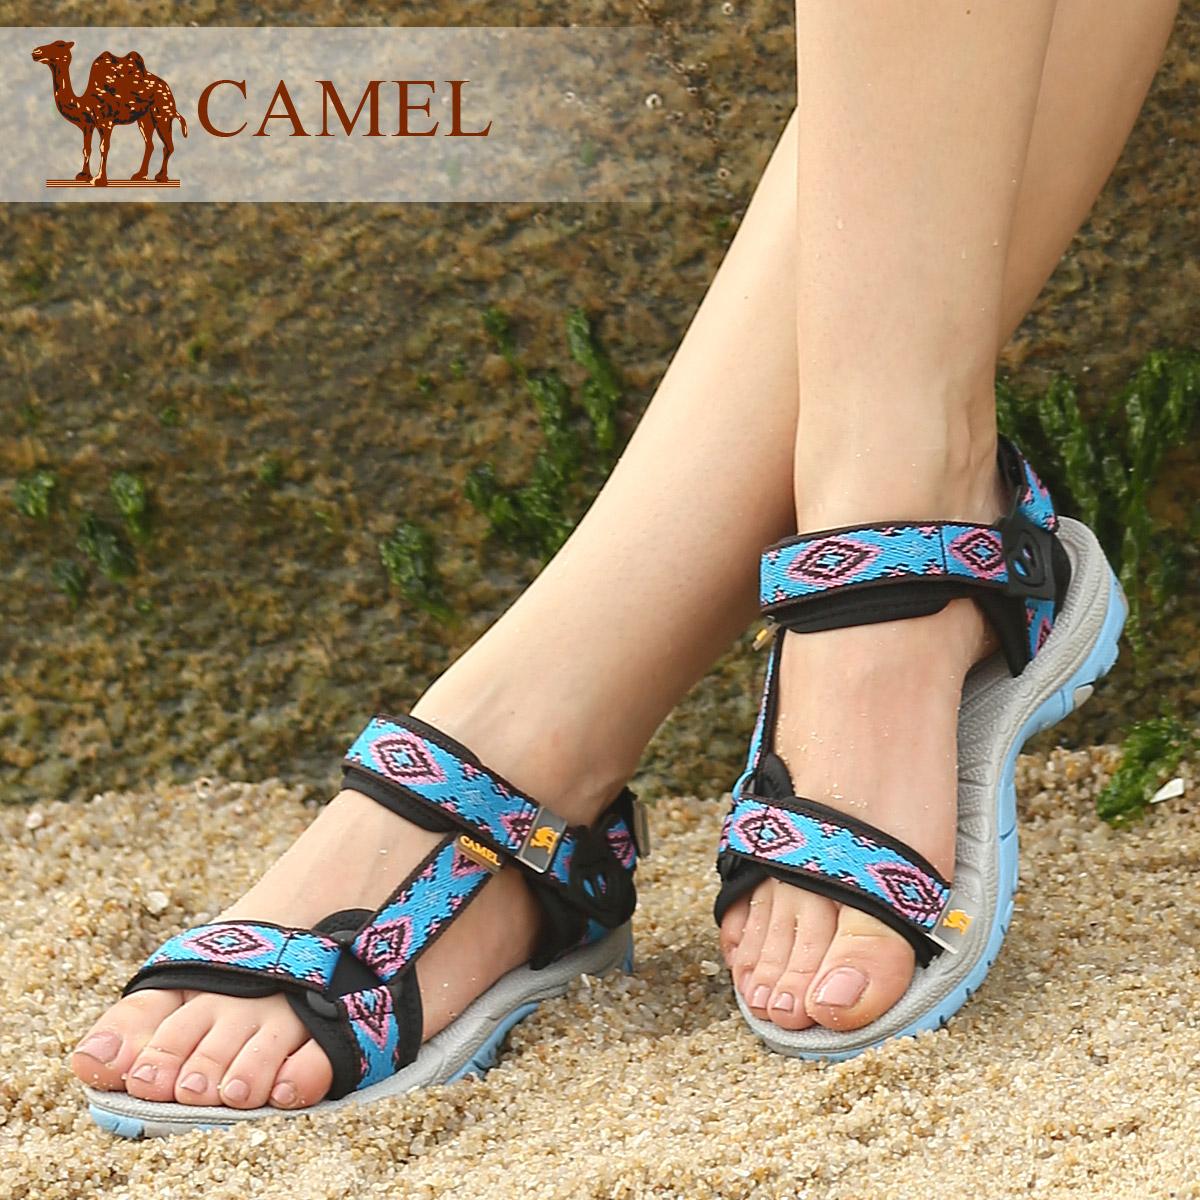 Кроксы Camel a93119615 2015 кроксы fashion brand cross 10123